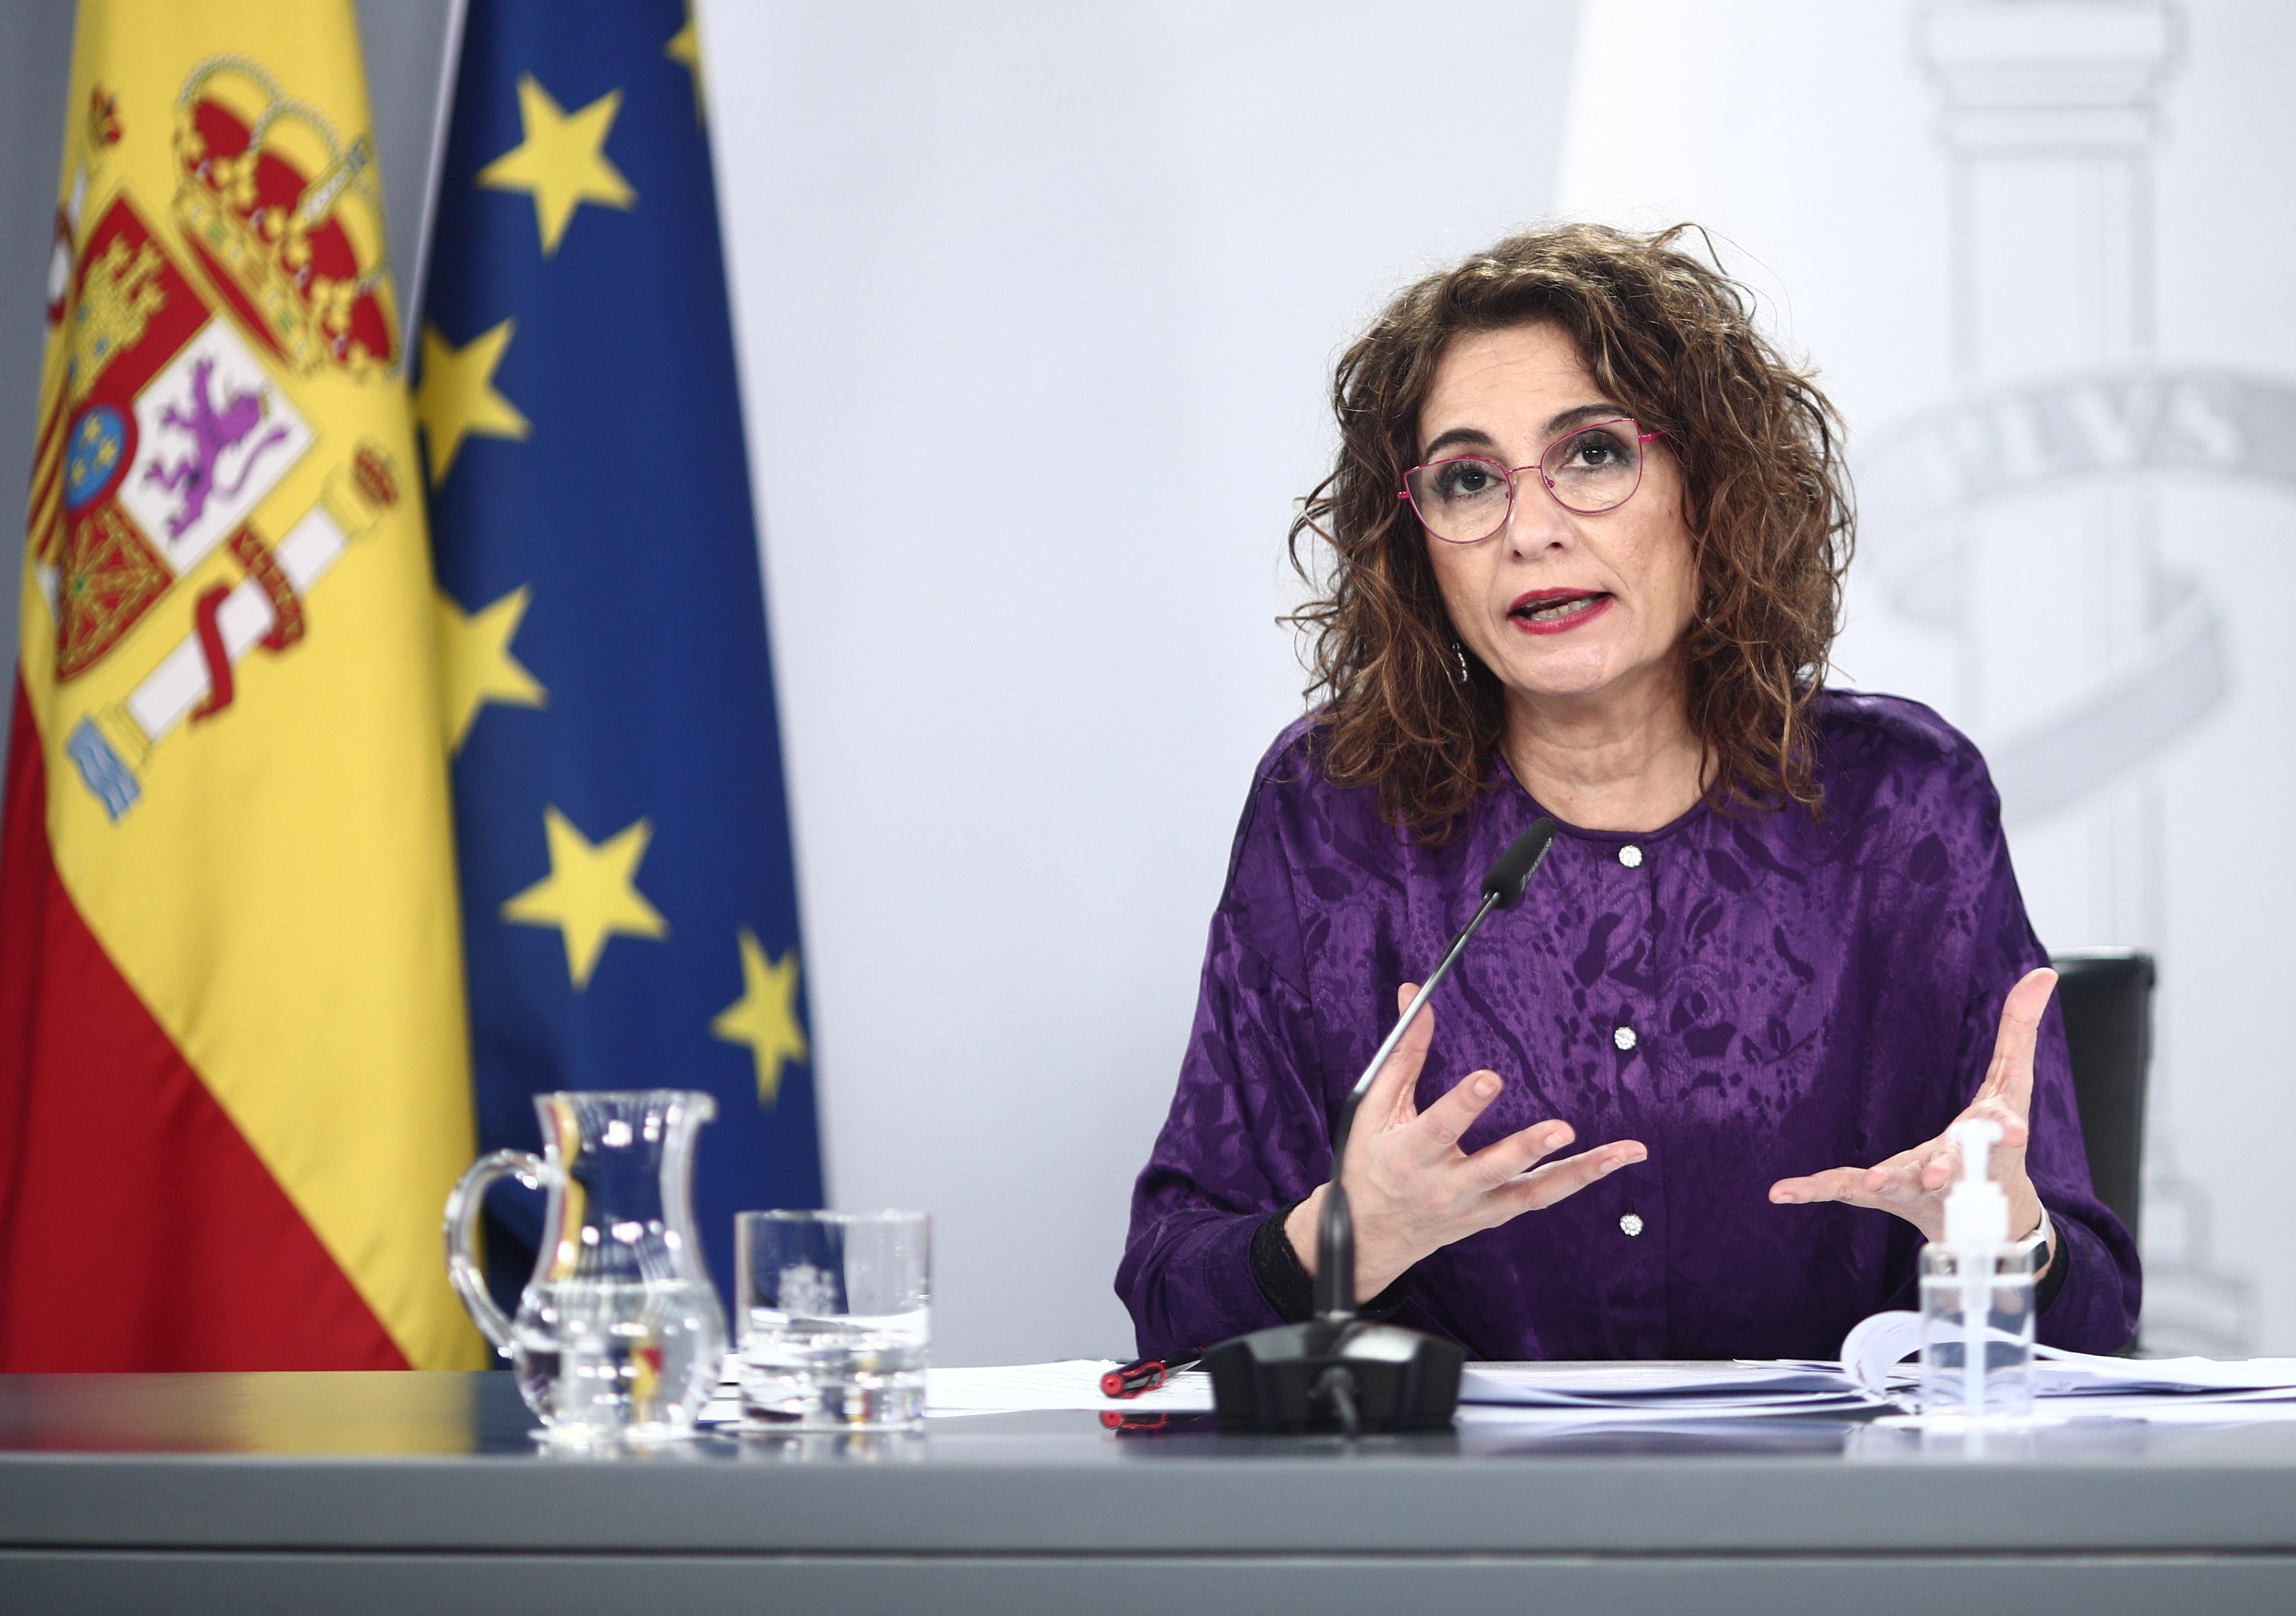 La ministra portavoz, María Jesús Montero, en la rueda de prensa posterior al Consejo de Ministros. Europa Press